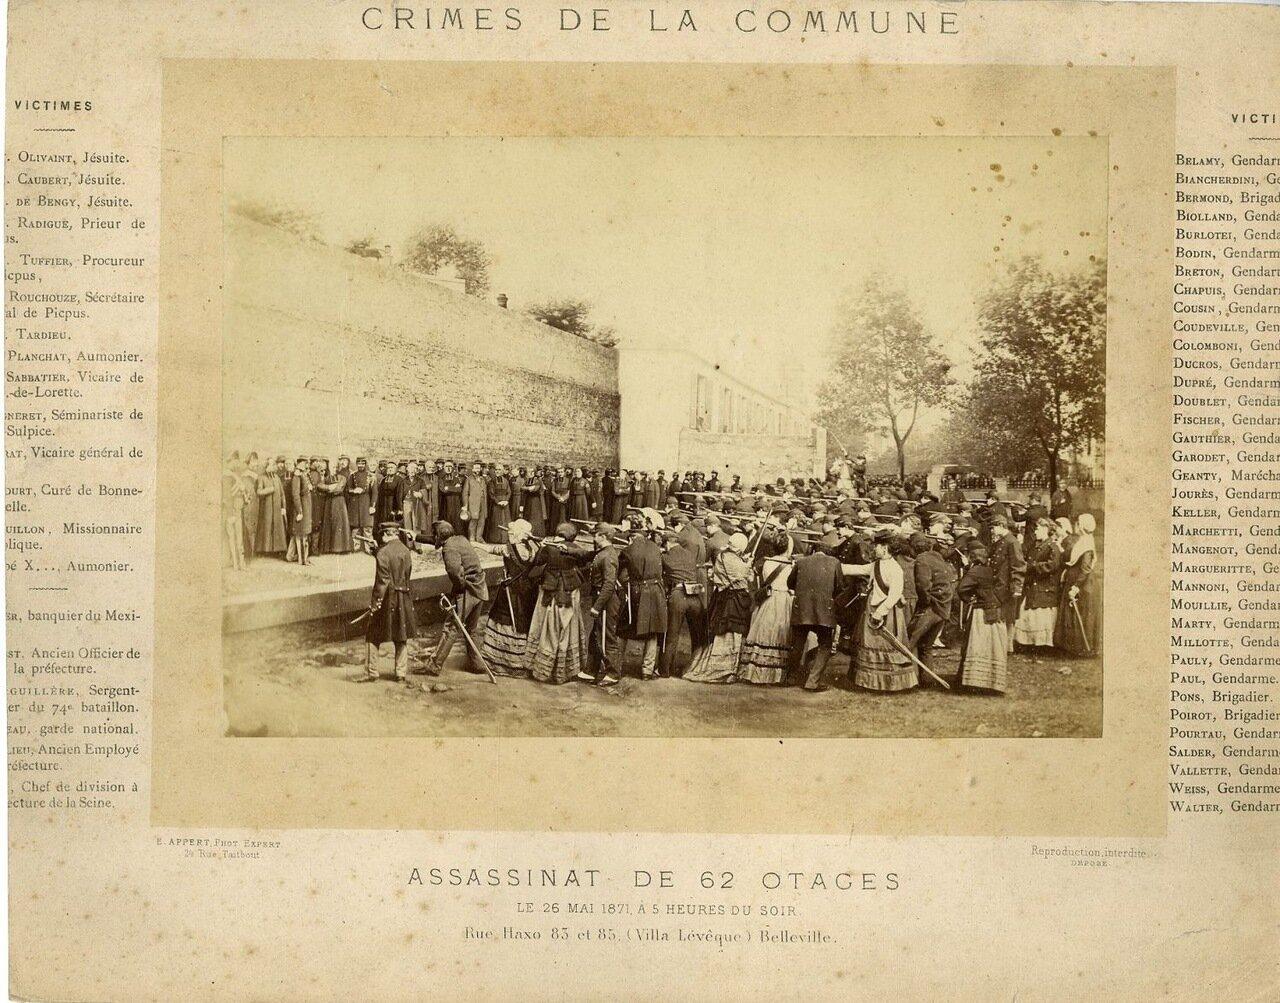 Убийство 62 заложников 26 мая 1871 в 5 часов утра на улице напротив виллы Хаксо Левека в Бельвилле